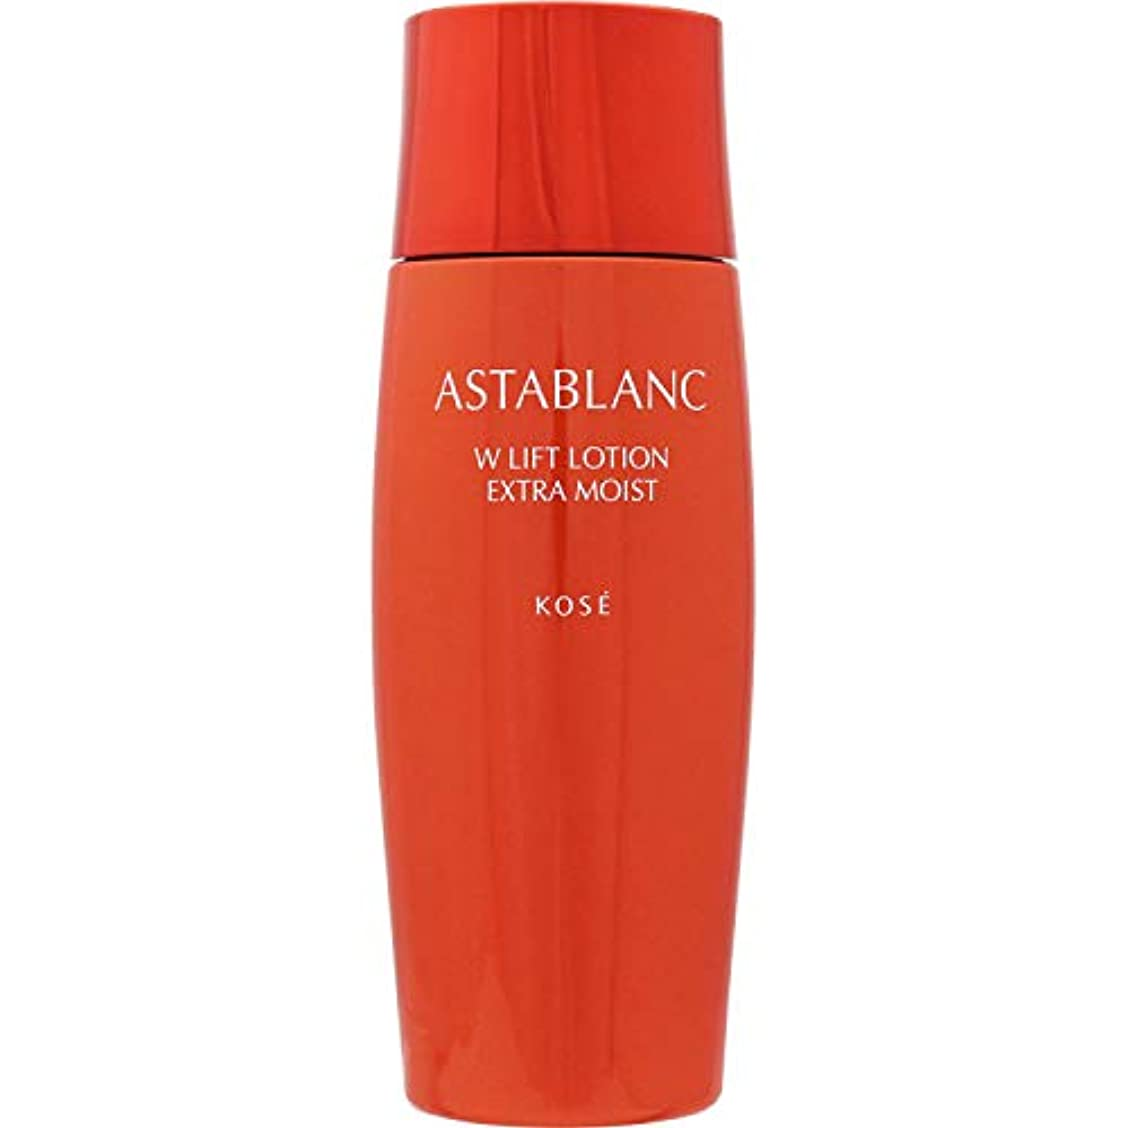 コーチジャンル痛いASTABLANC(アスタブラン) アスタブラン Wリフト ローション とてもしっとり 化粧水 140mL